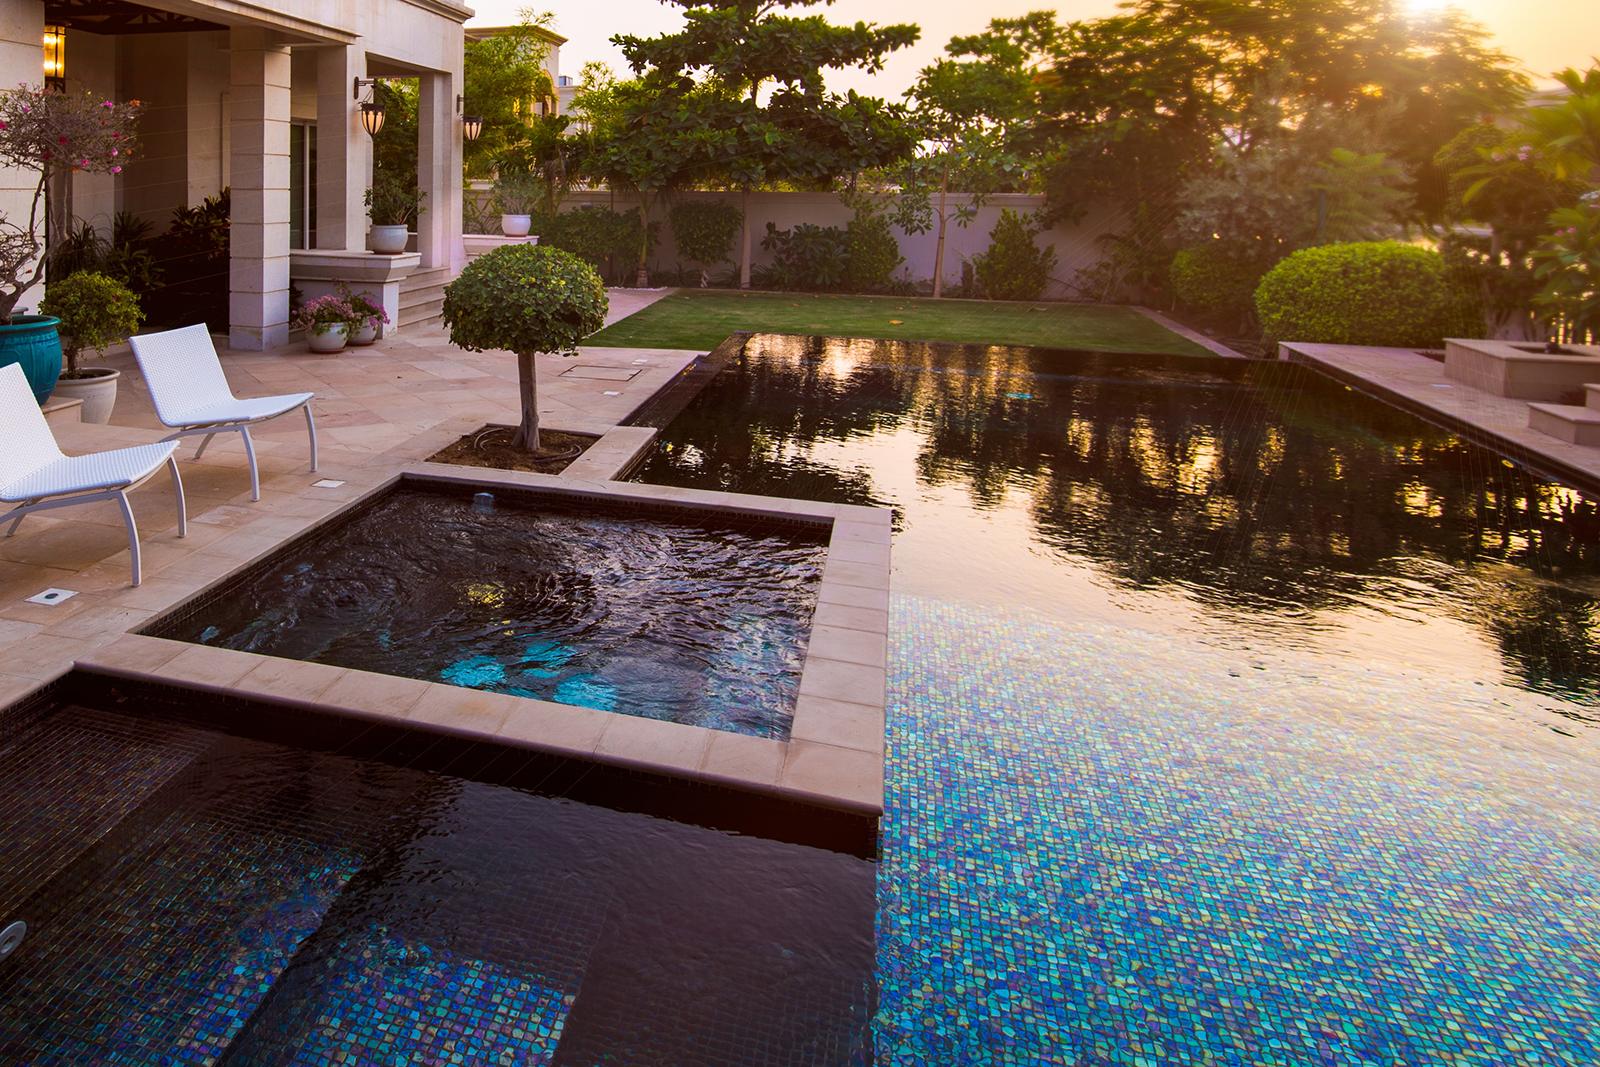 De quelle couleur verra-t-on l'eau de ma piscine?